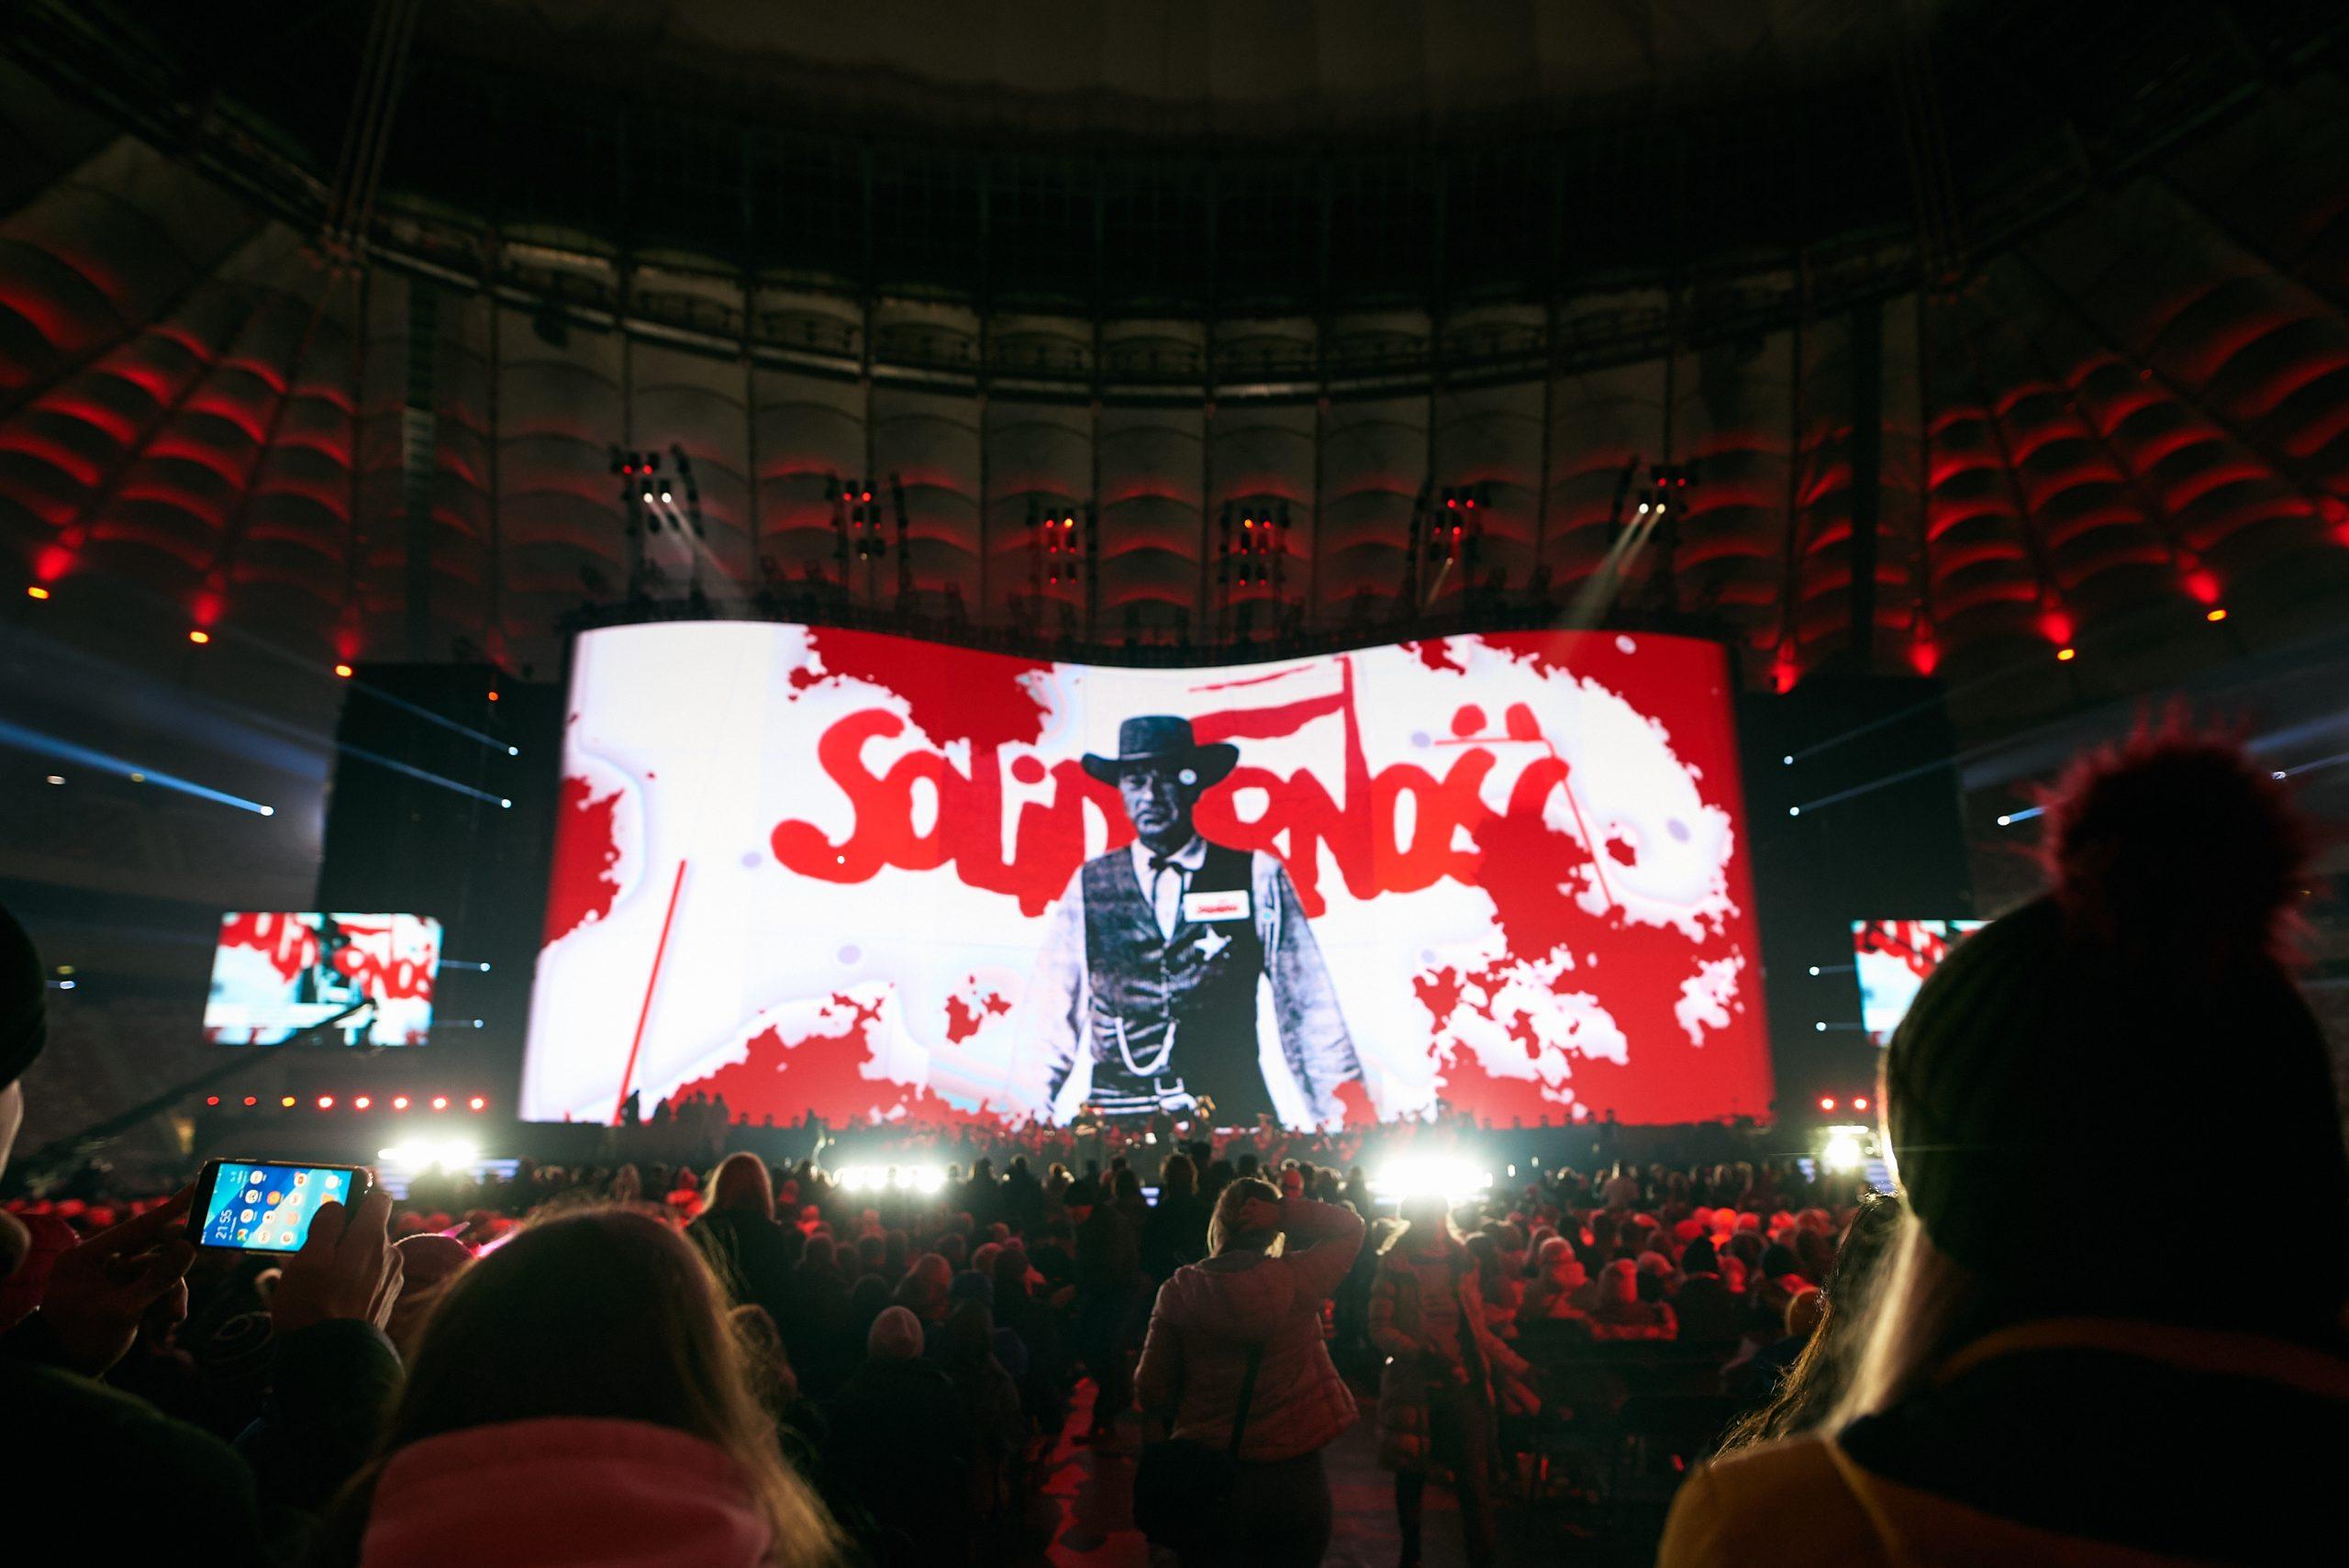 фото с концерта, на котором виден видеоэкран с надписью «Солидарность»